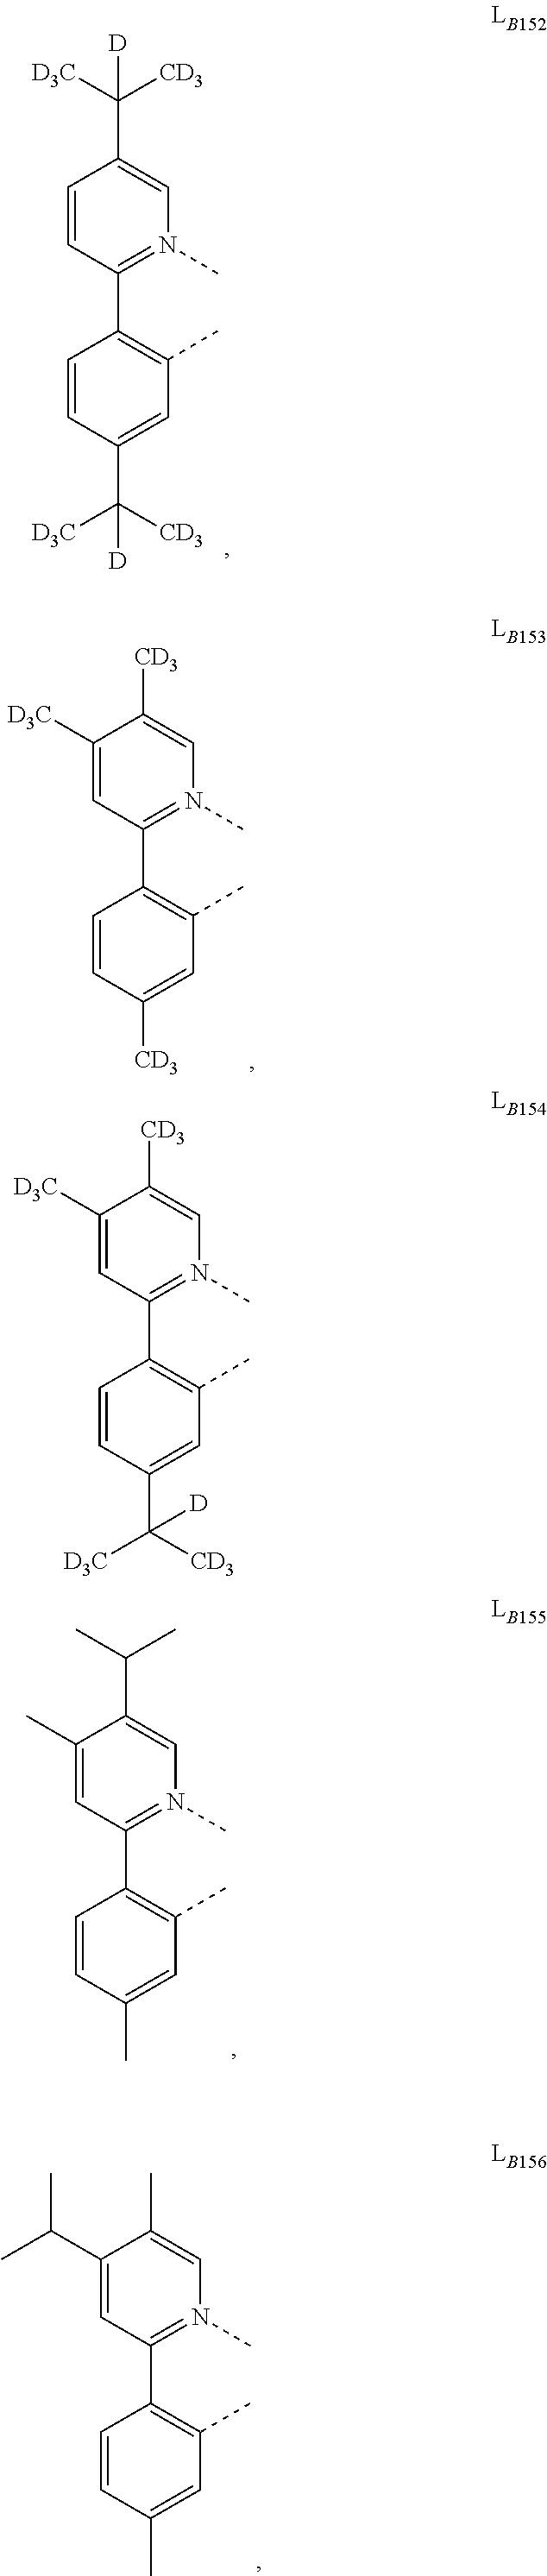 Figure US20160049599A1-20160218-C00144